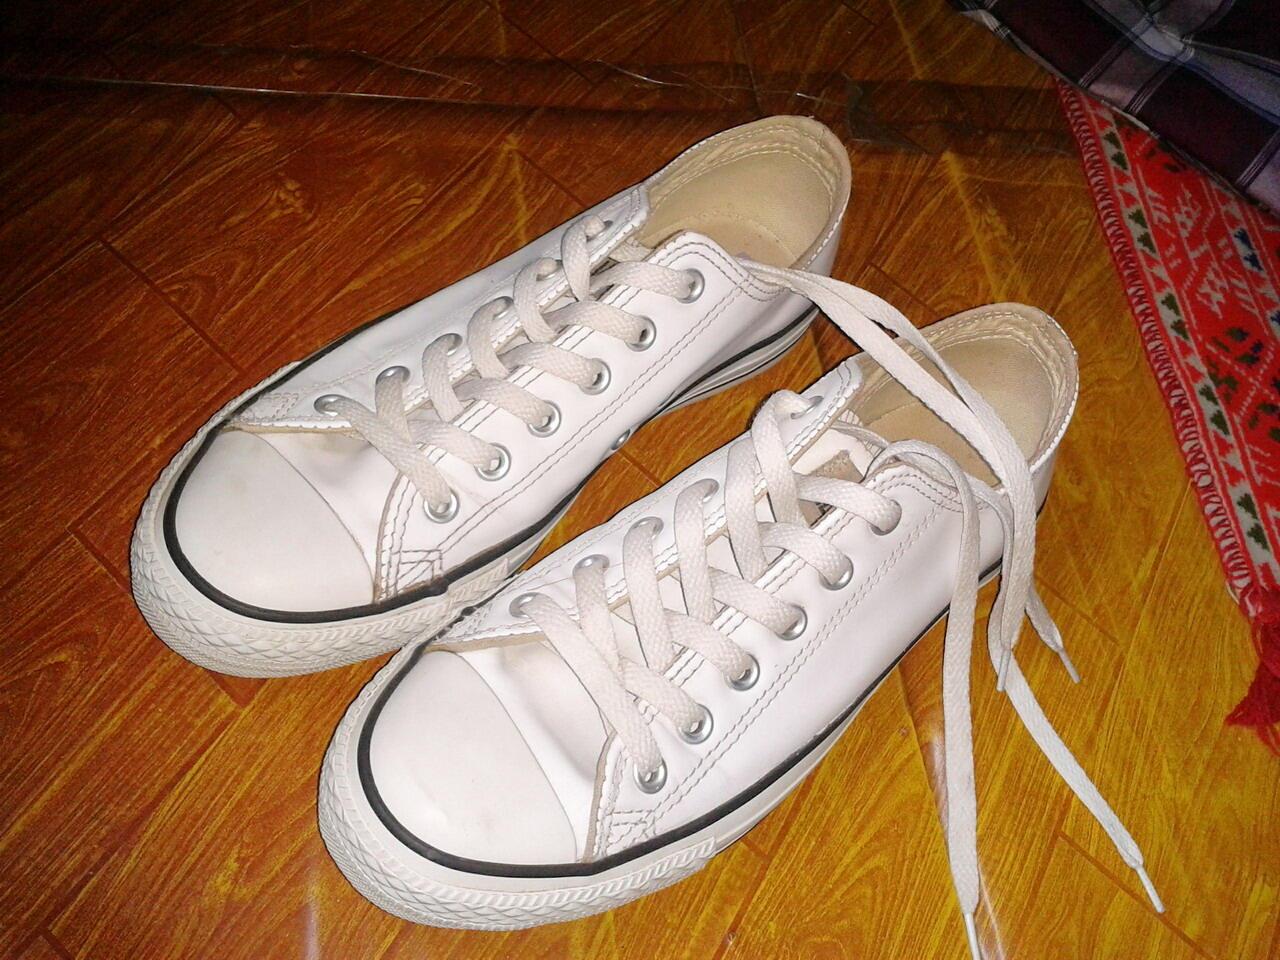 Terjual sepatu converse original kulit warna putih | KASKUS